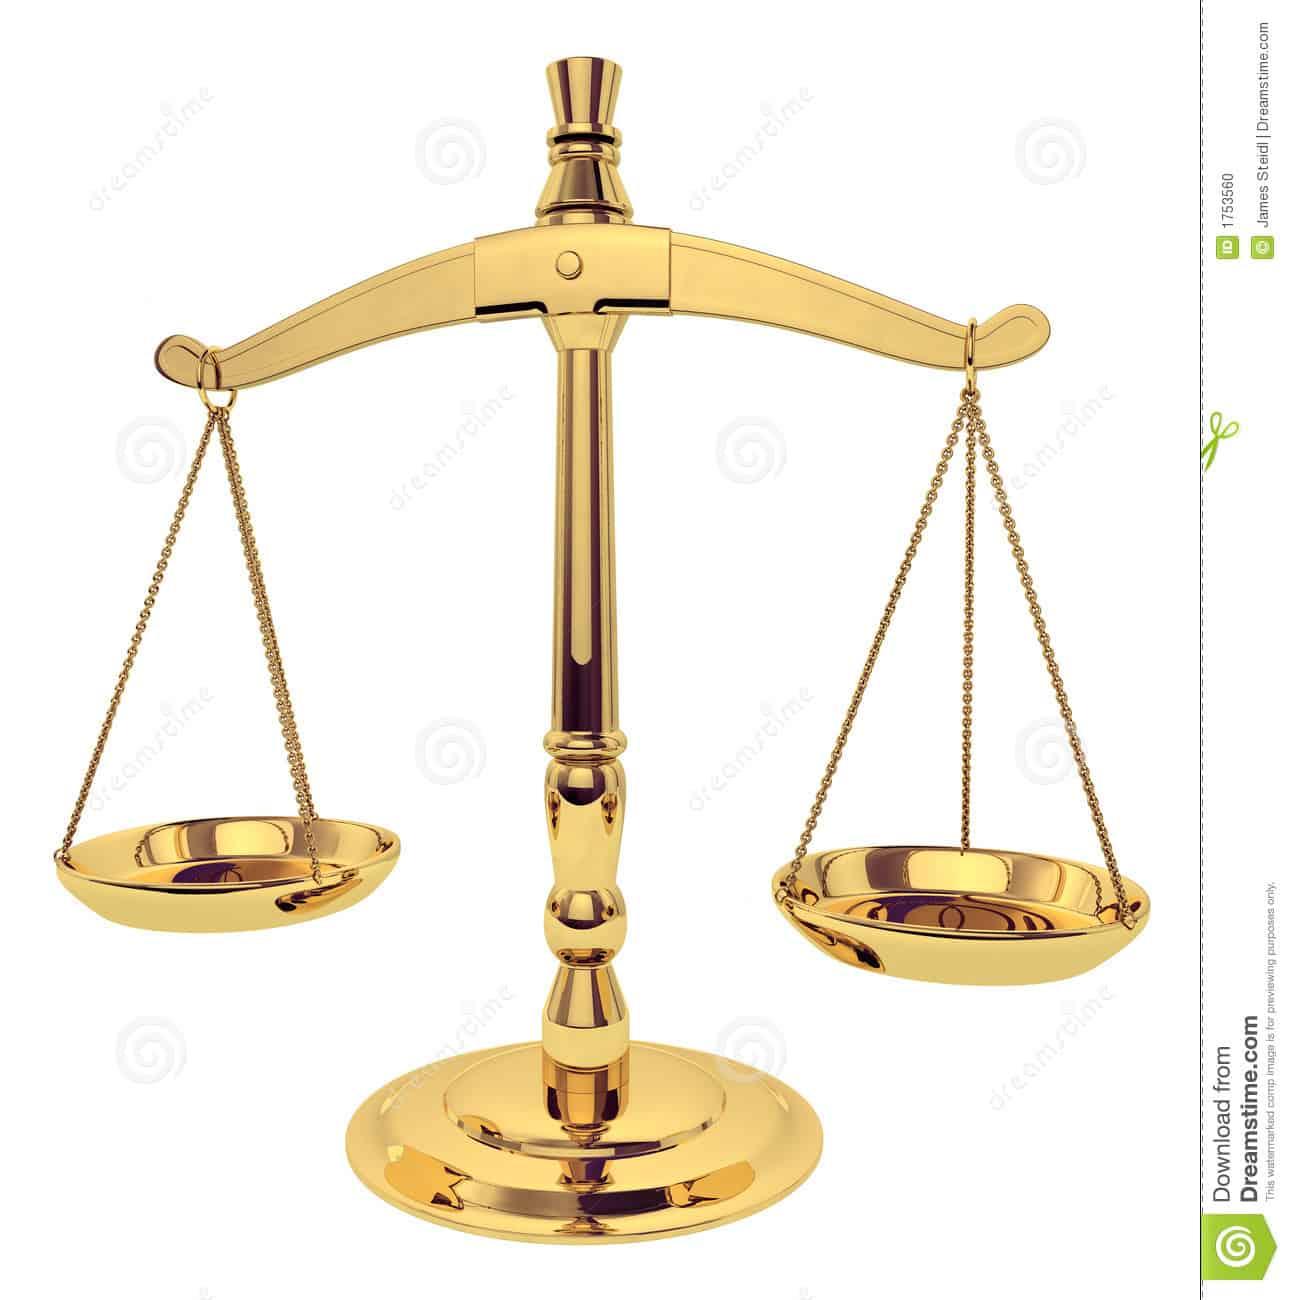 Justicia peritos judiciales